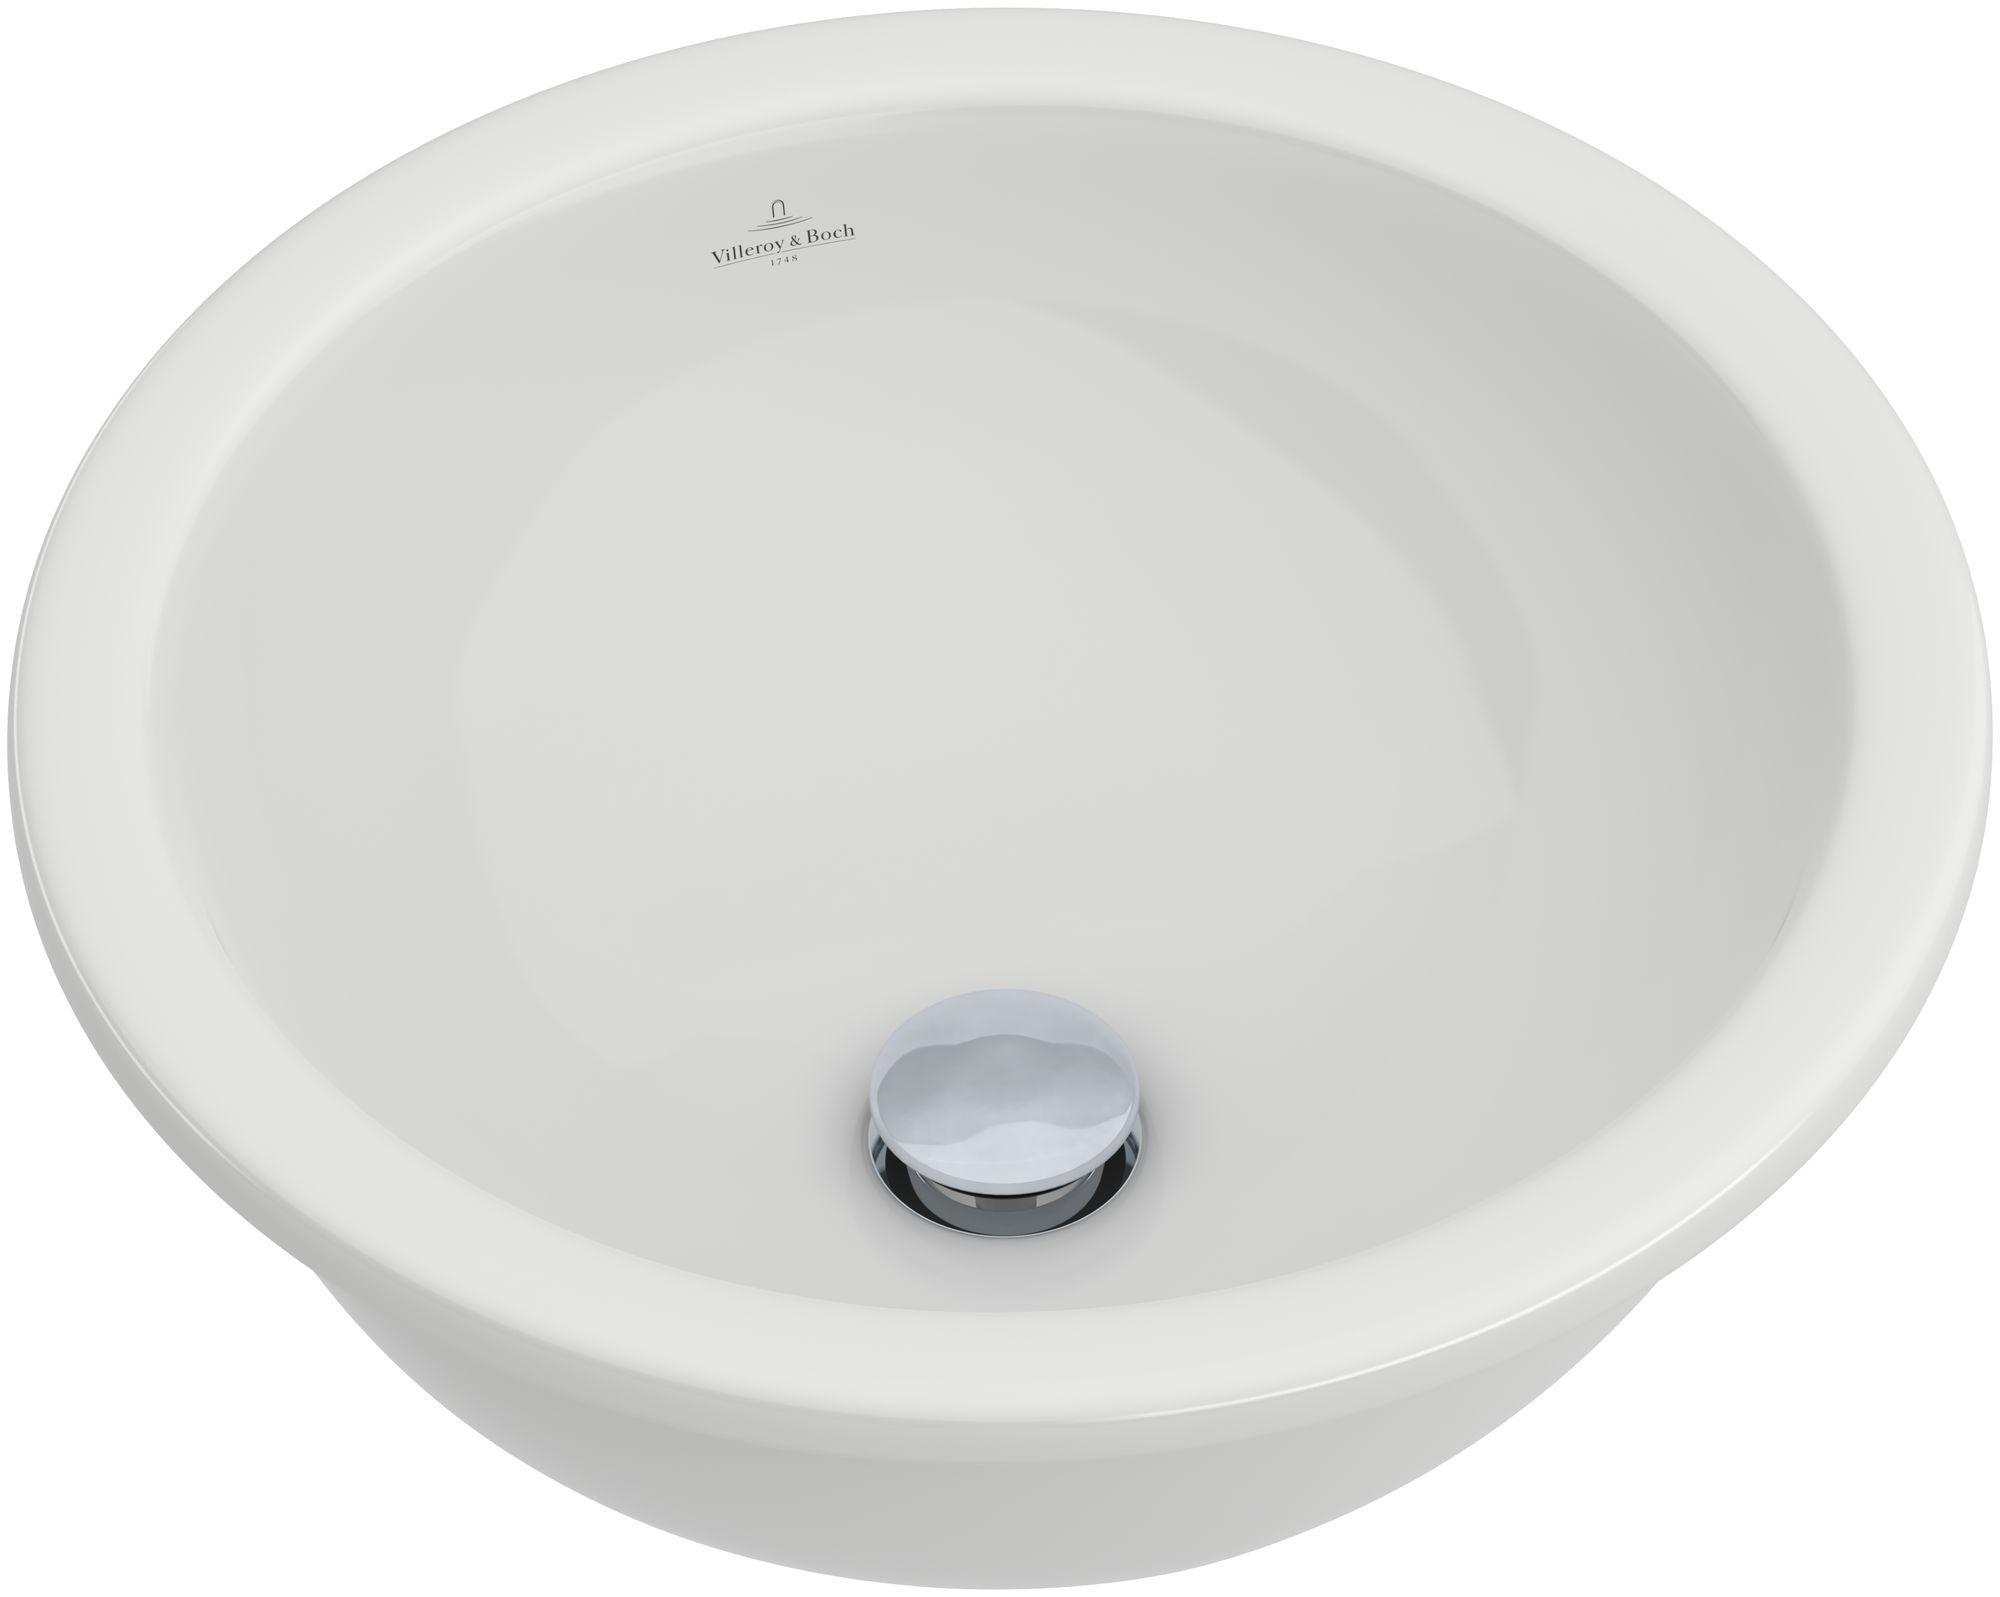 Villeroy & Boch Loop & Friends Unterbauwaschtisch rund DM:38cm ohne Hahnloch ohne Überlauf weiß mit Ceramicplus 618138R1